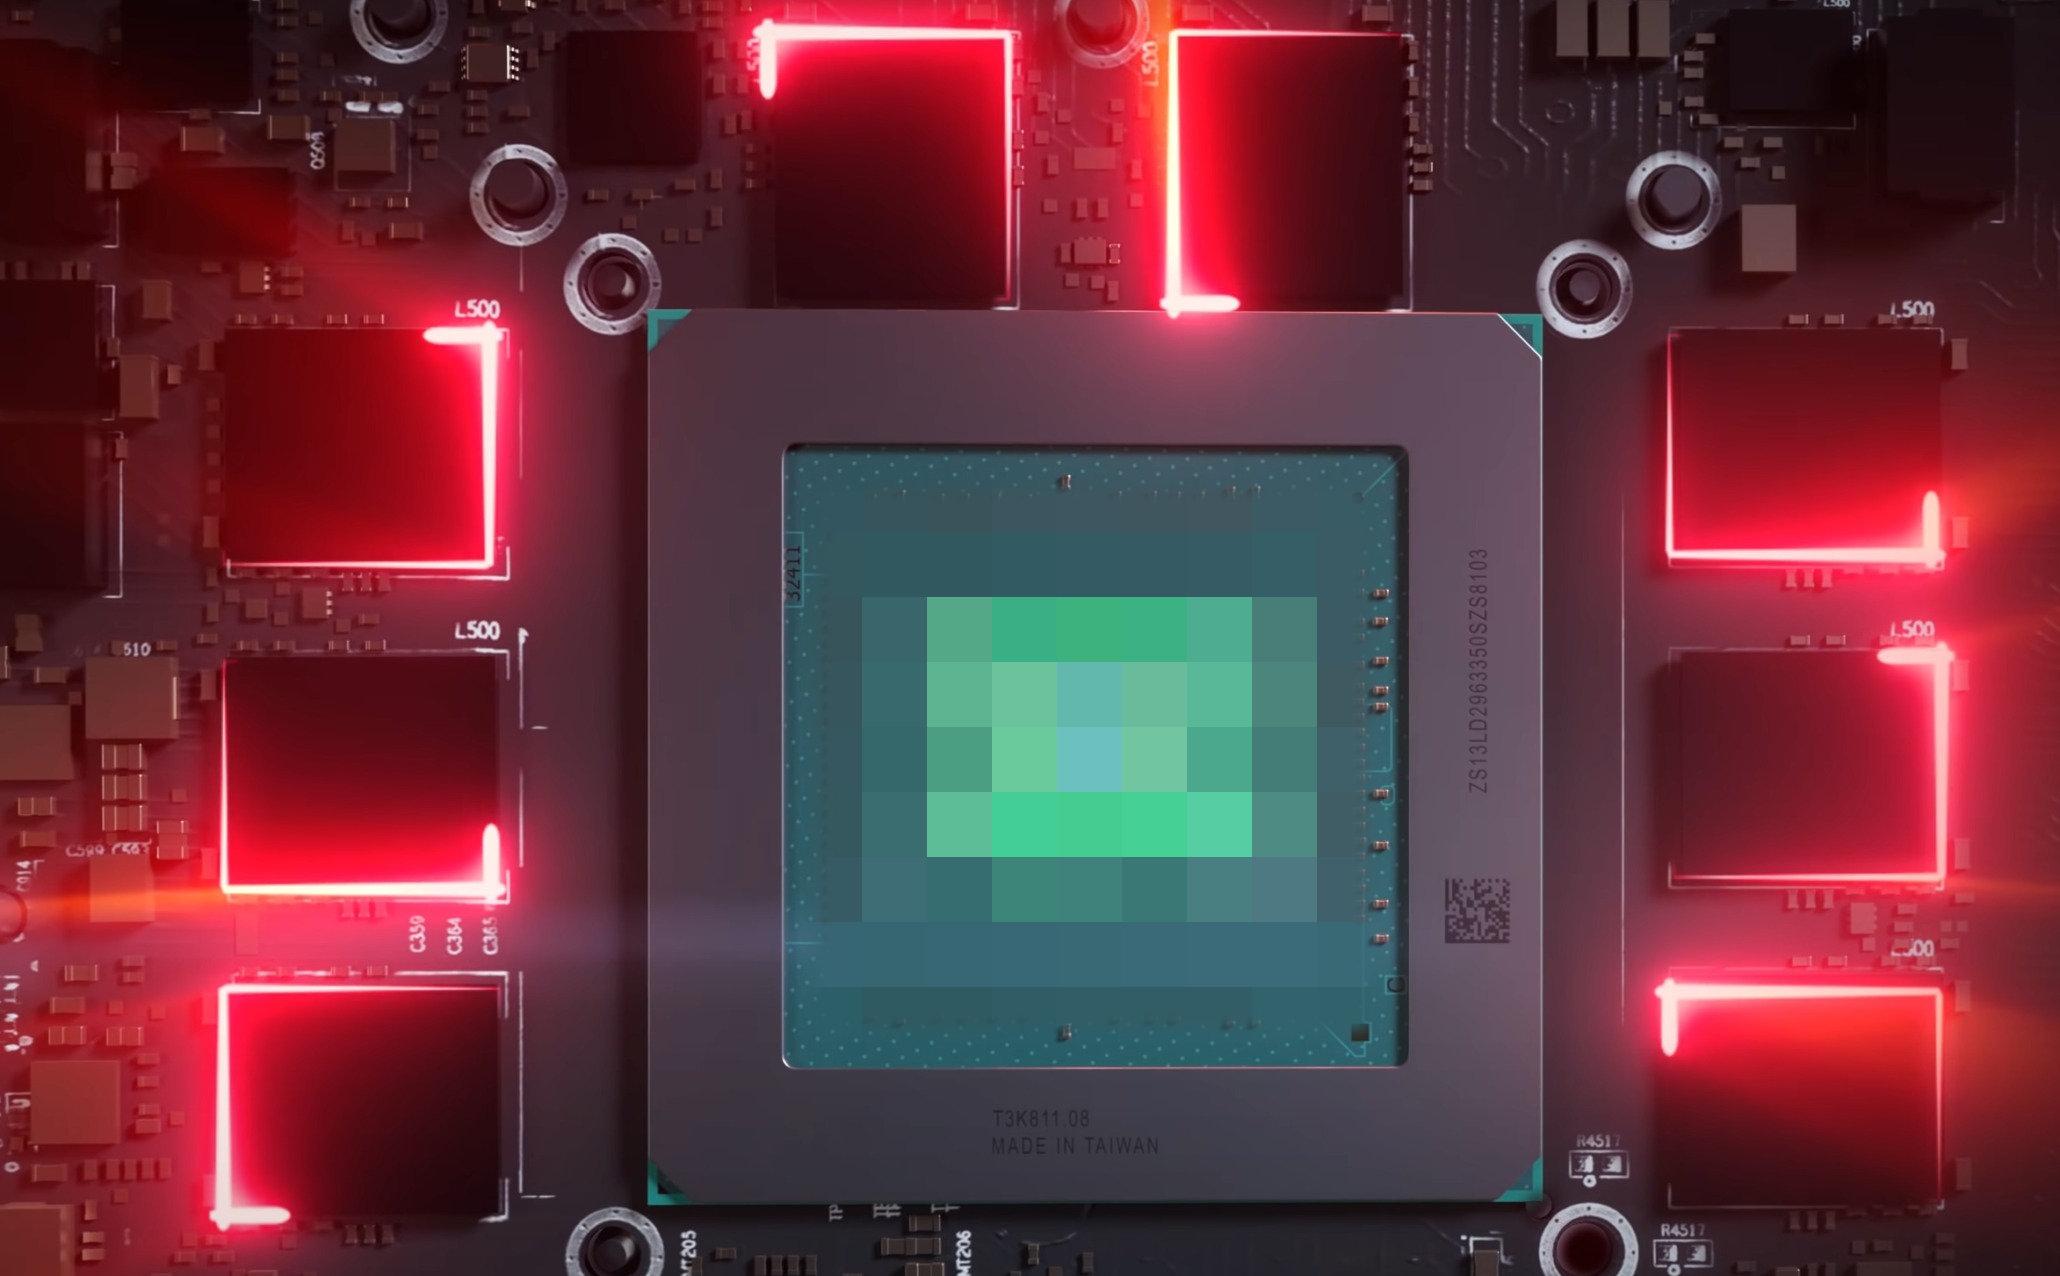 Se rumorea que la arquitectura AMD RDNA4 se construirá utilizando nodos de 3 nm y 5 nm